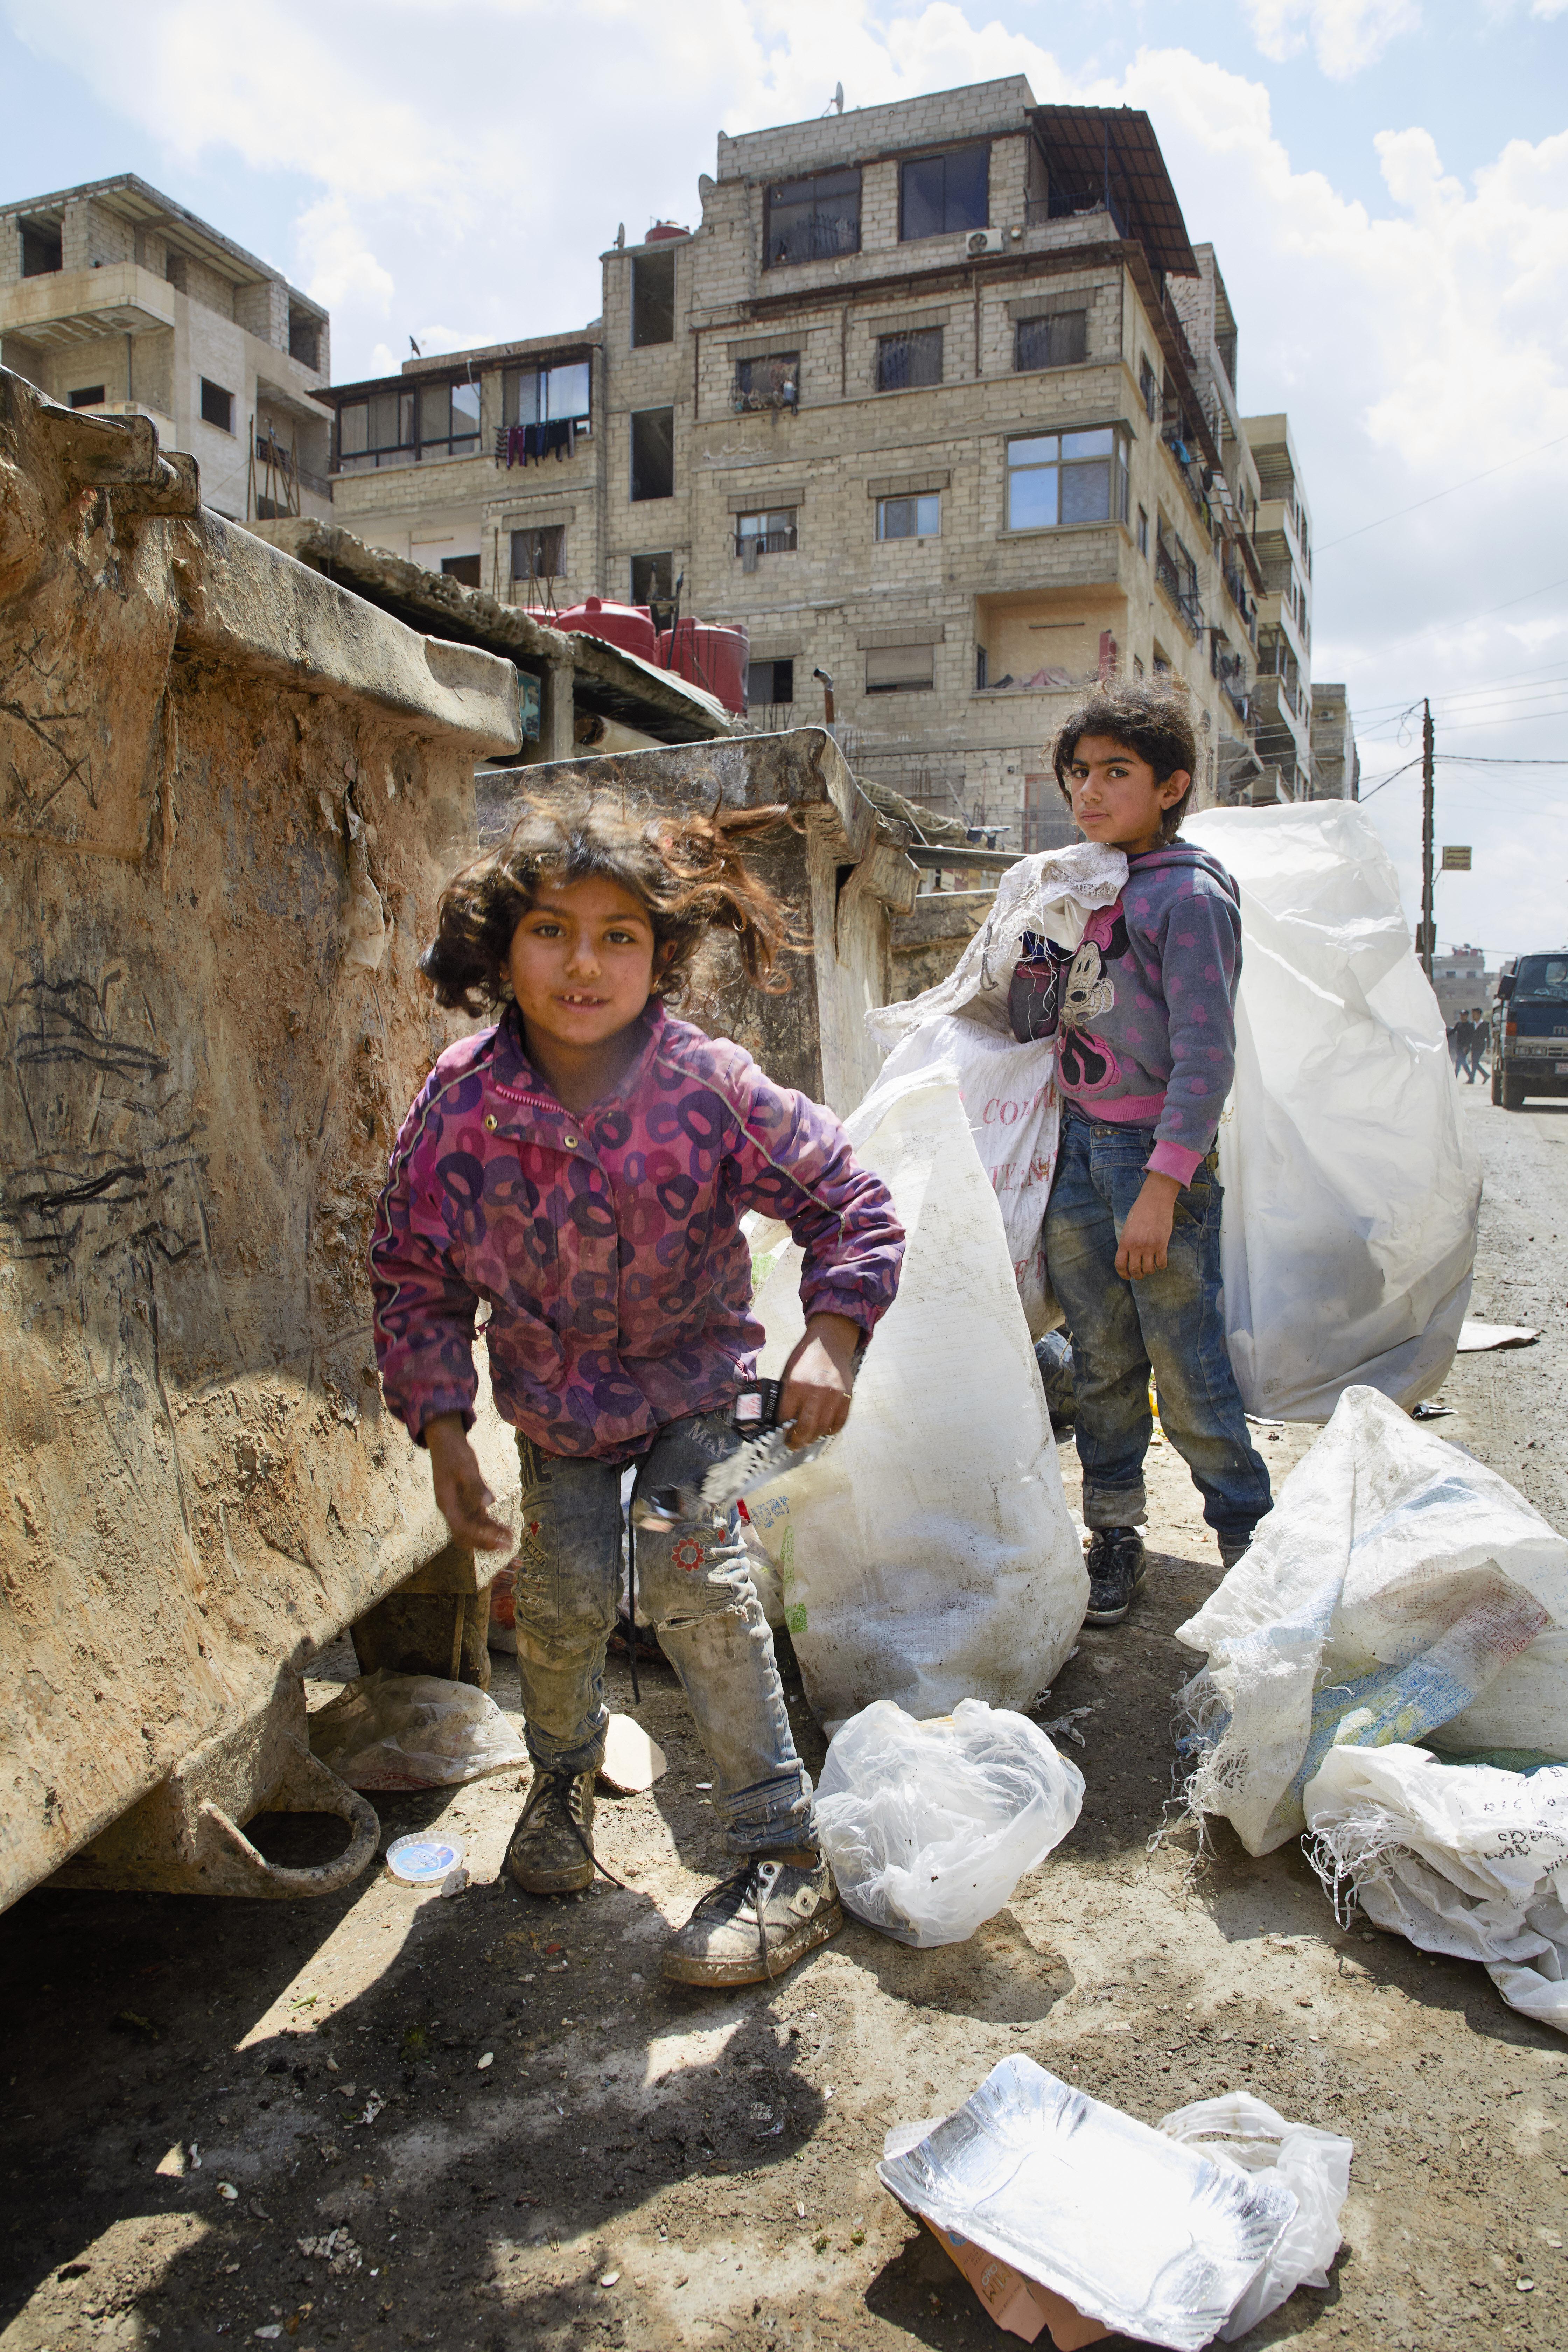 Sores in Syrië © Jaco Klamer www.klamer-staal.nl